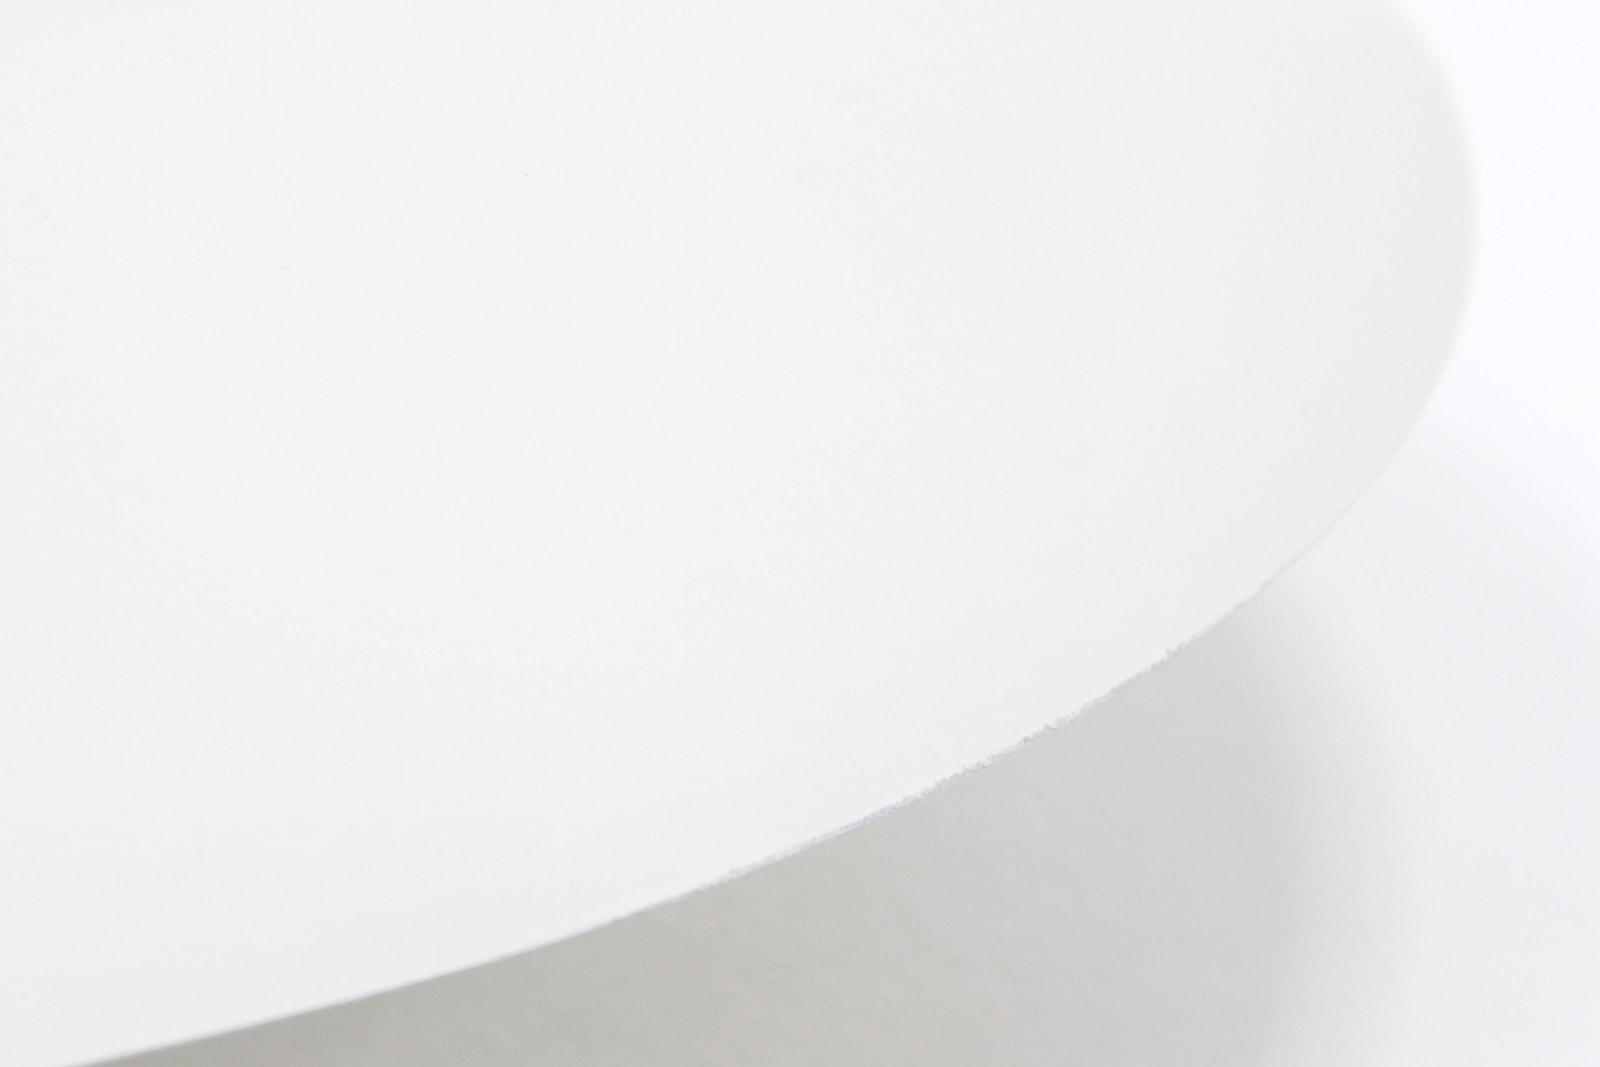 ルイスポールセン,PH5,ホワイト,中古,北欧,照明